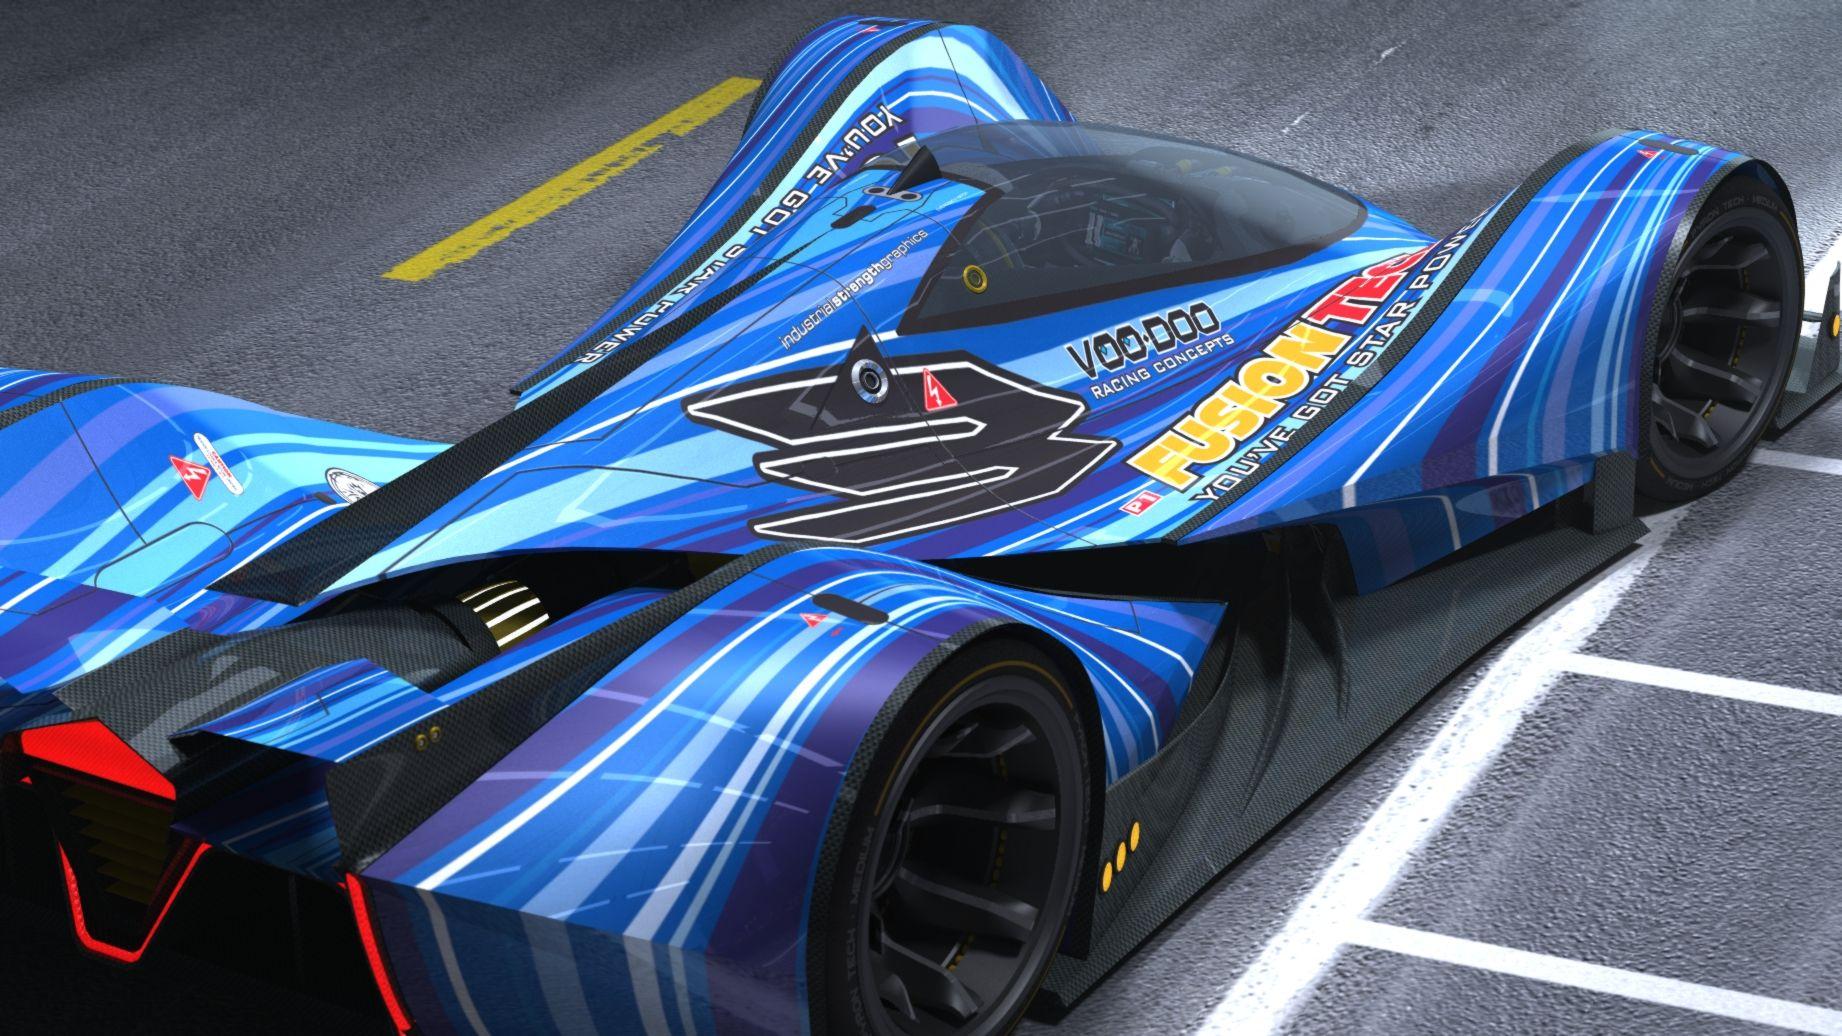 CONCEPT RACE CARS | Concept Cars • KIP KUBISZ | Pinterest | Cars ...